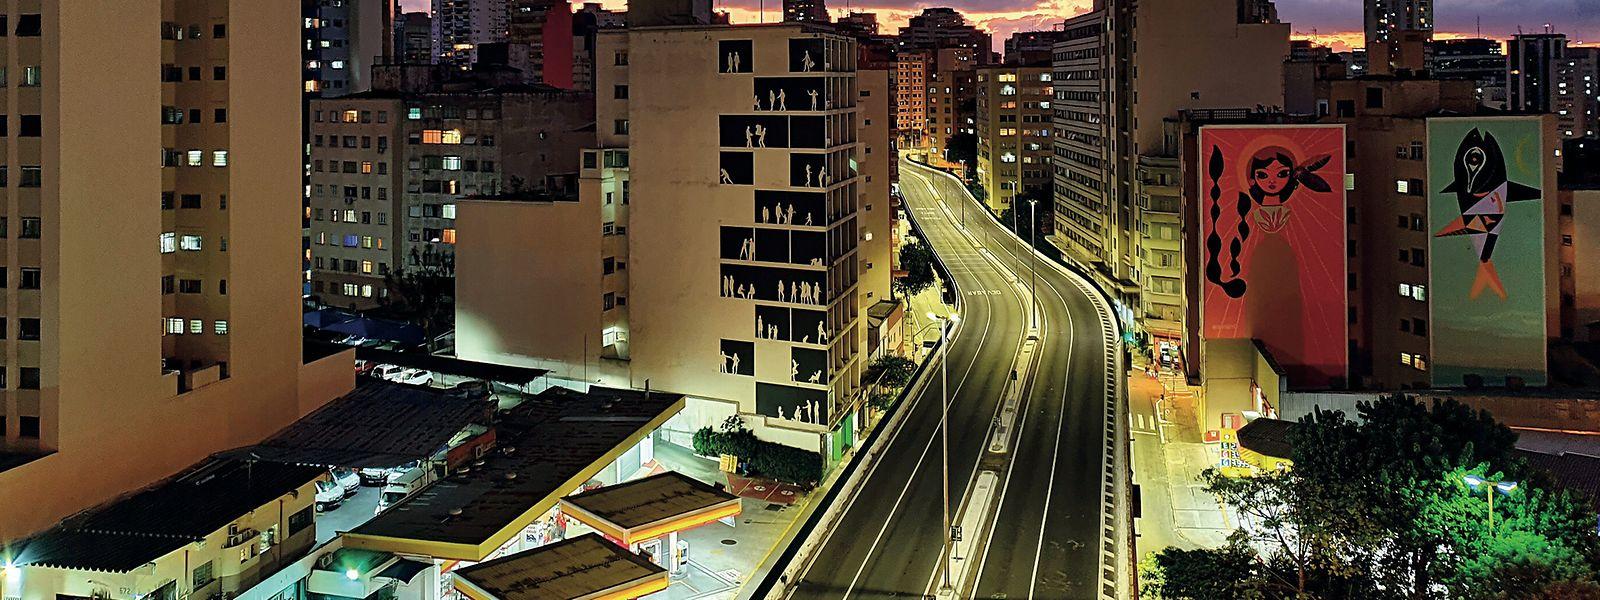 Verwaiste Metropole - Blick auf die brasilianische Millionenstadt São Paulo.